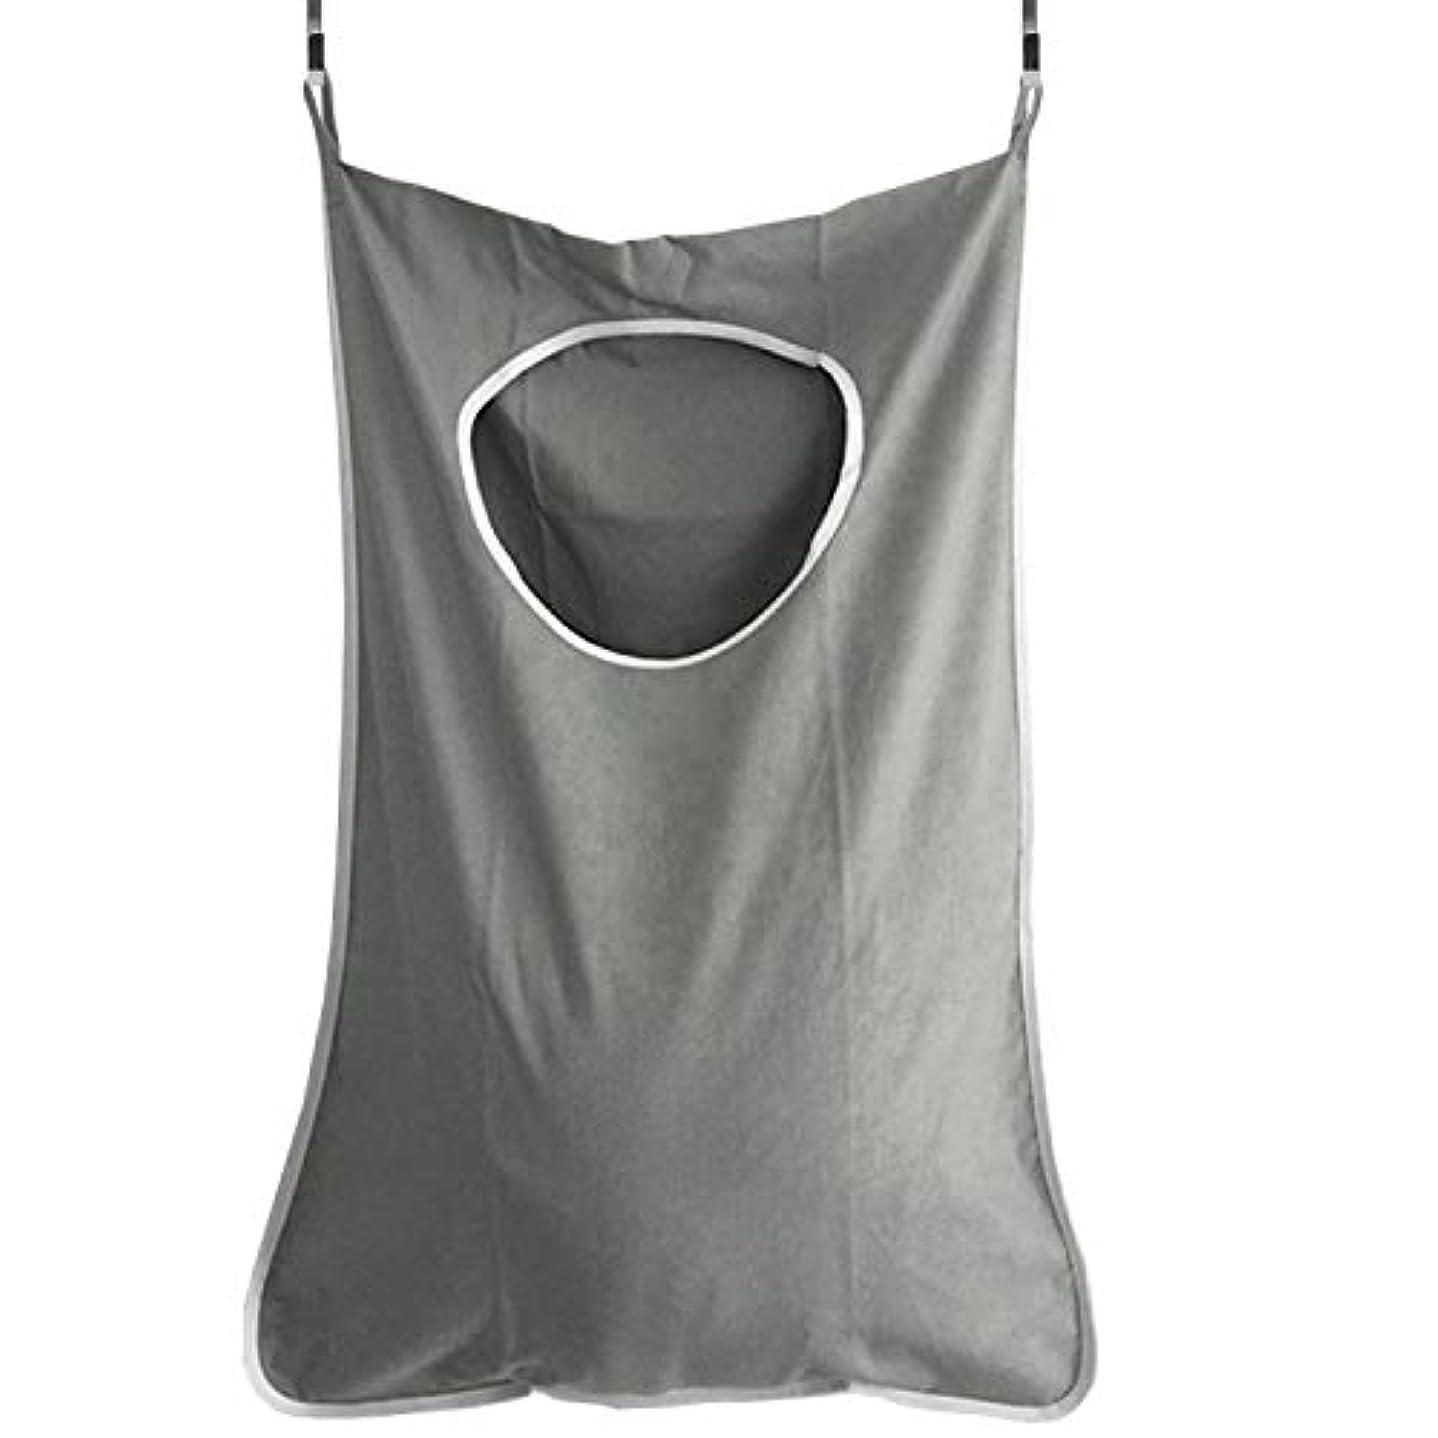 コマース有名リンケージLYgMV 家庭用収納ハンギングバッグ、ドアの後ろの汚れた服のポケット、携帯用の耐久性のある衣類収納バッグ、オックスフォードの布バッグ (Color : グレー)